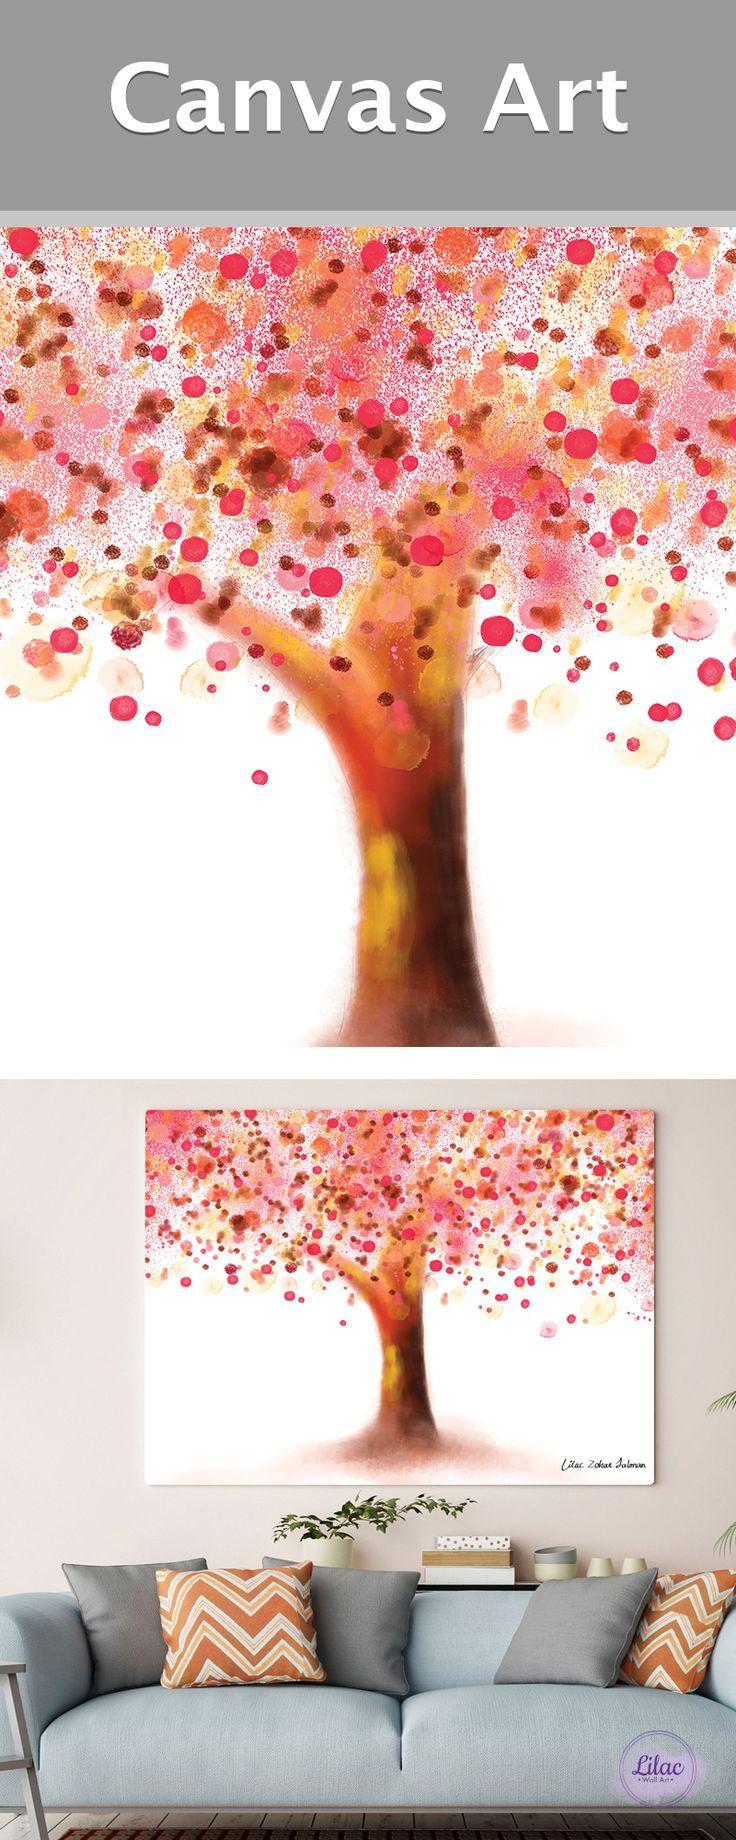 Tree Wall Art Canvas Art Tree Tree Painting Tree Canvas Wall